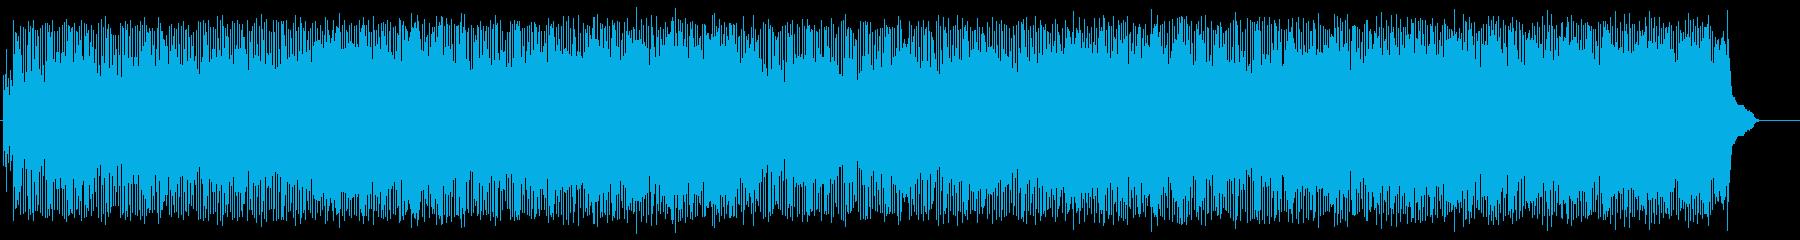 爽やかで快適なポップ/フュージョンの再生済みの波形